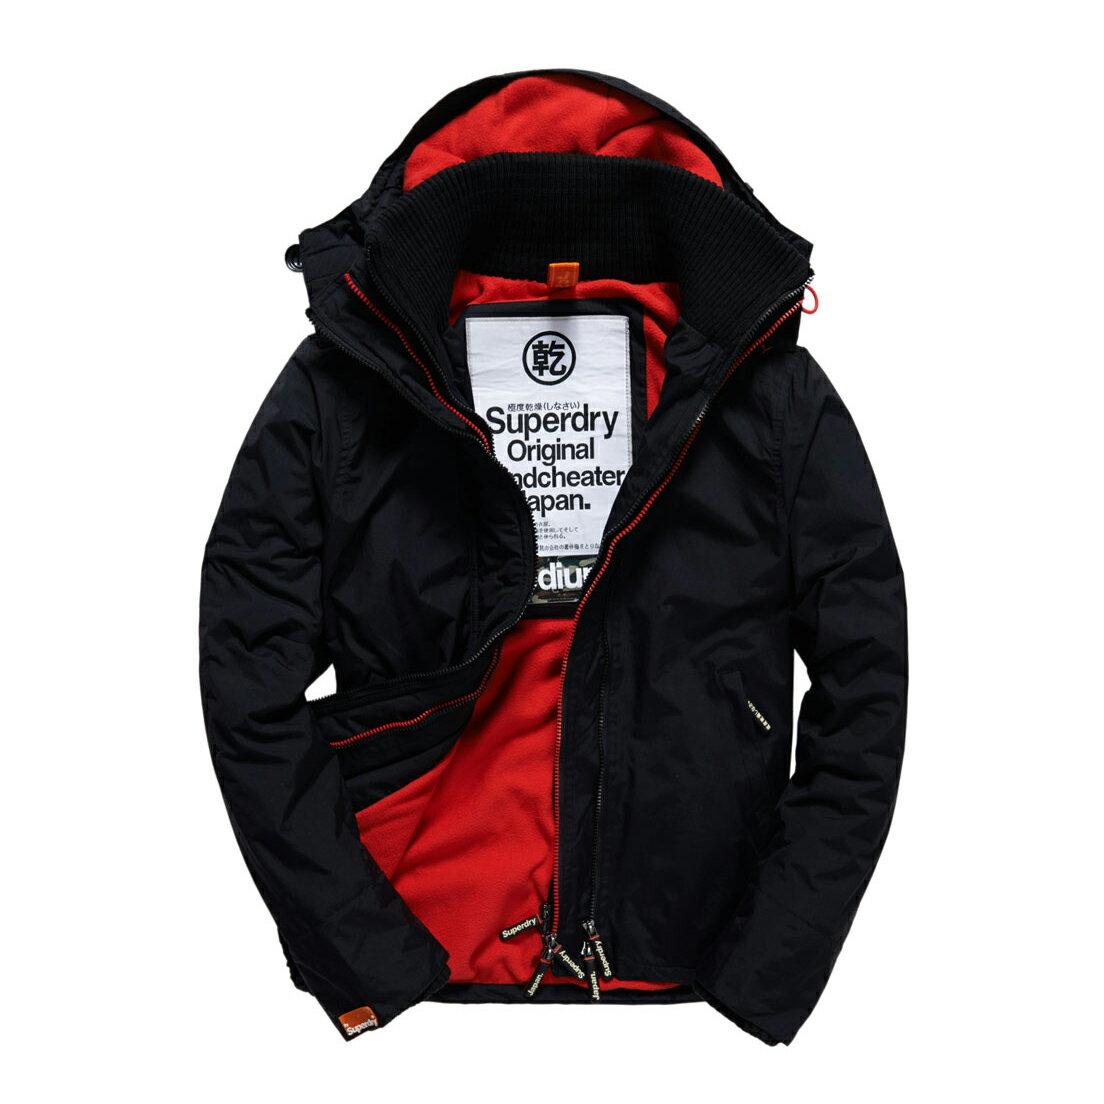 美國百分百【全新真品】Superdry 極度乾燥 風衣 連帽 外套 防風 夾克 刷毛 黑色 紅色 M L XL XXL號 F853